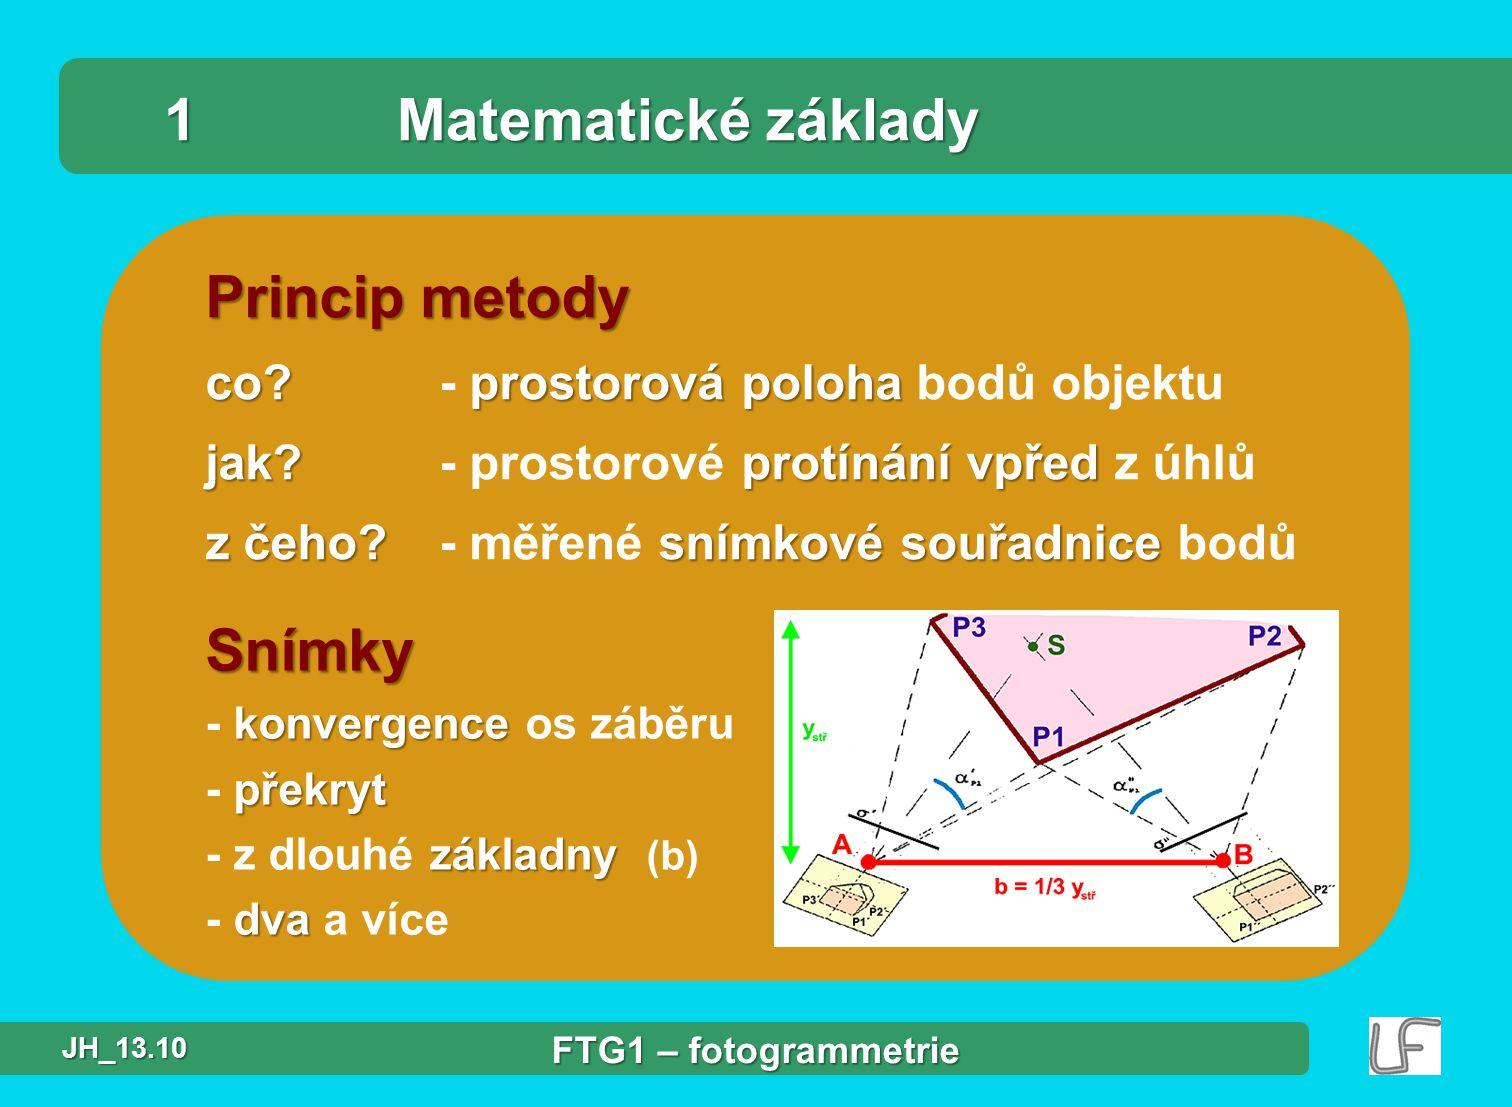 Princip metody co?prostorová poloha co? - prostorová poloha bodů objektu jak?protínání vpřed jak? - prostorové protínání vpřed z úhlů z čeho?snímkové